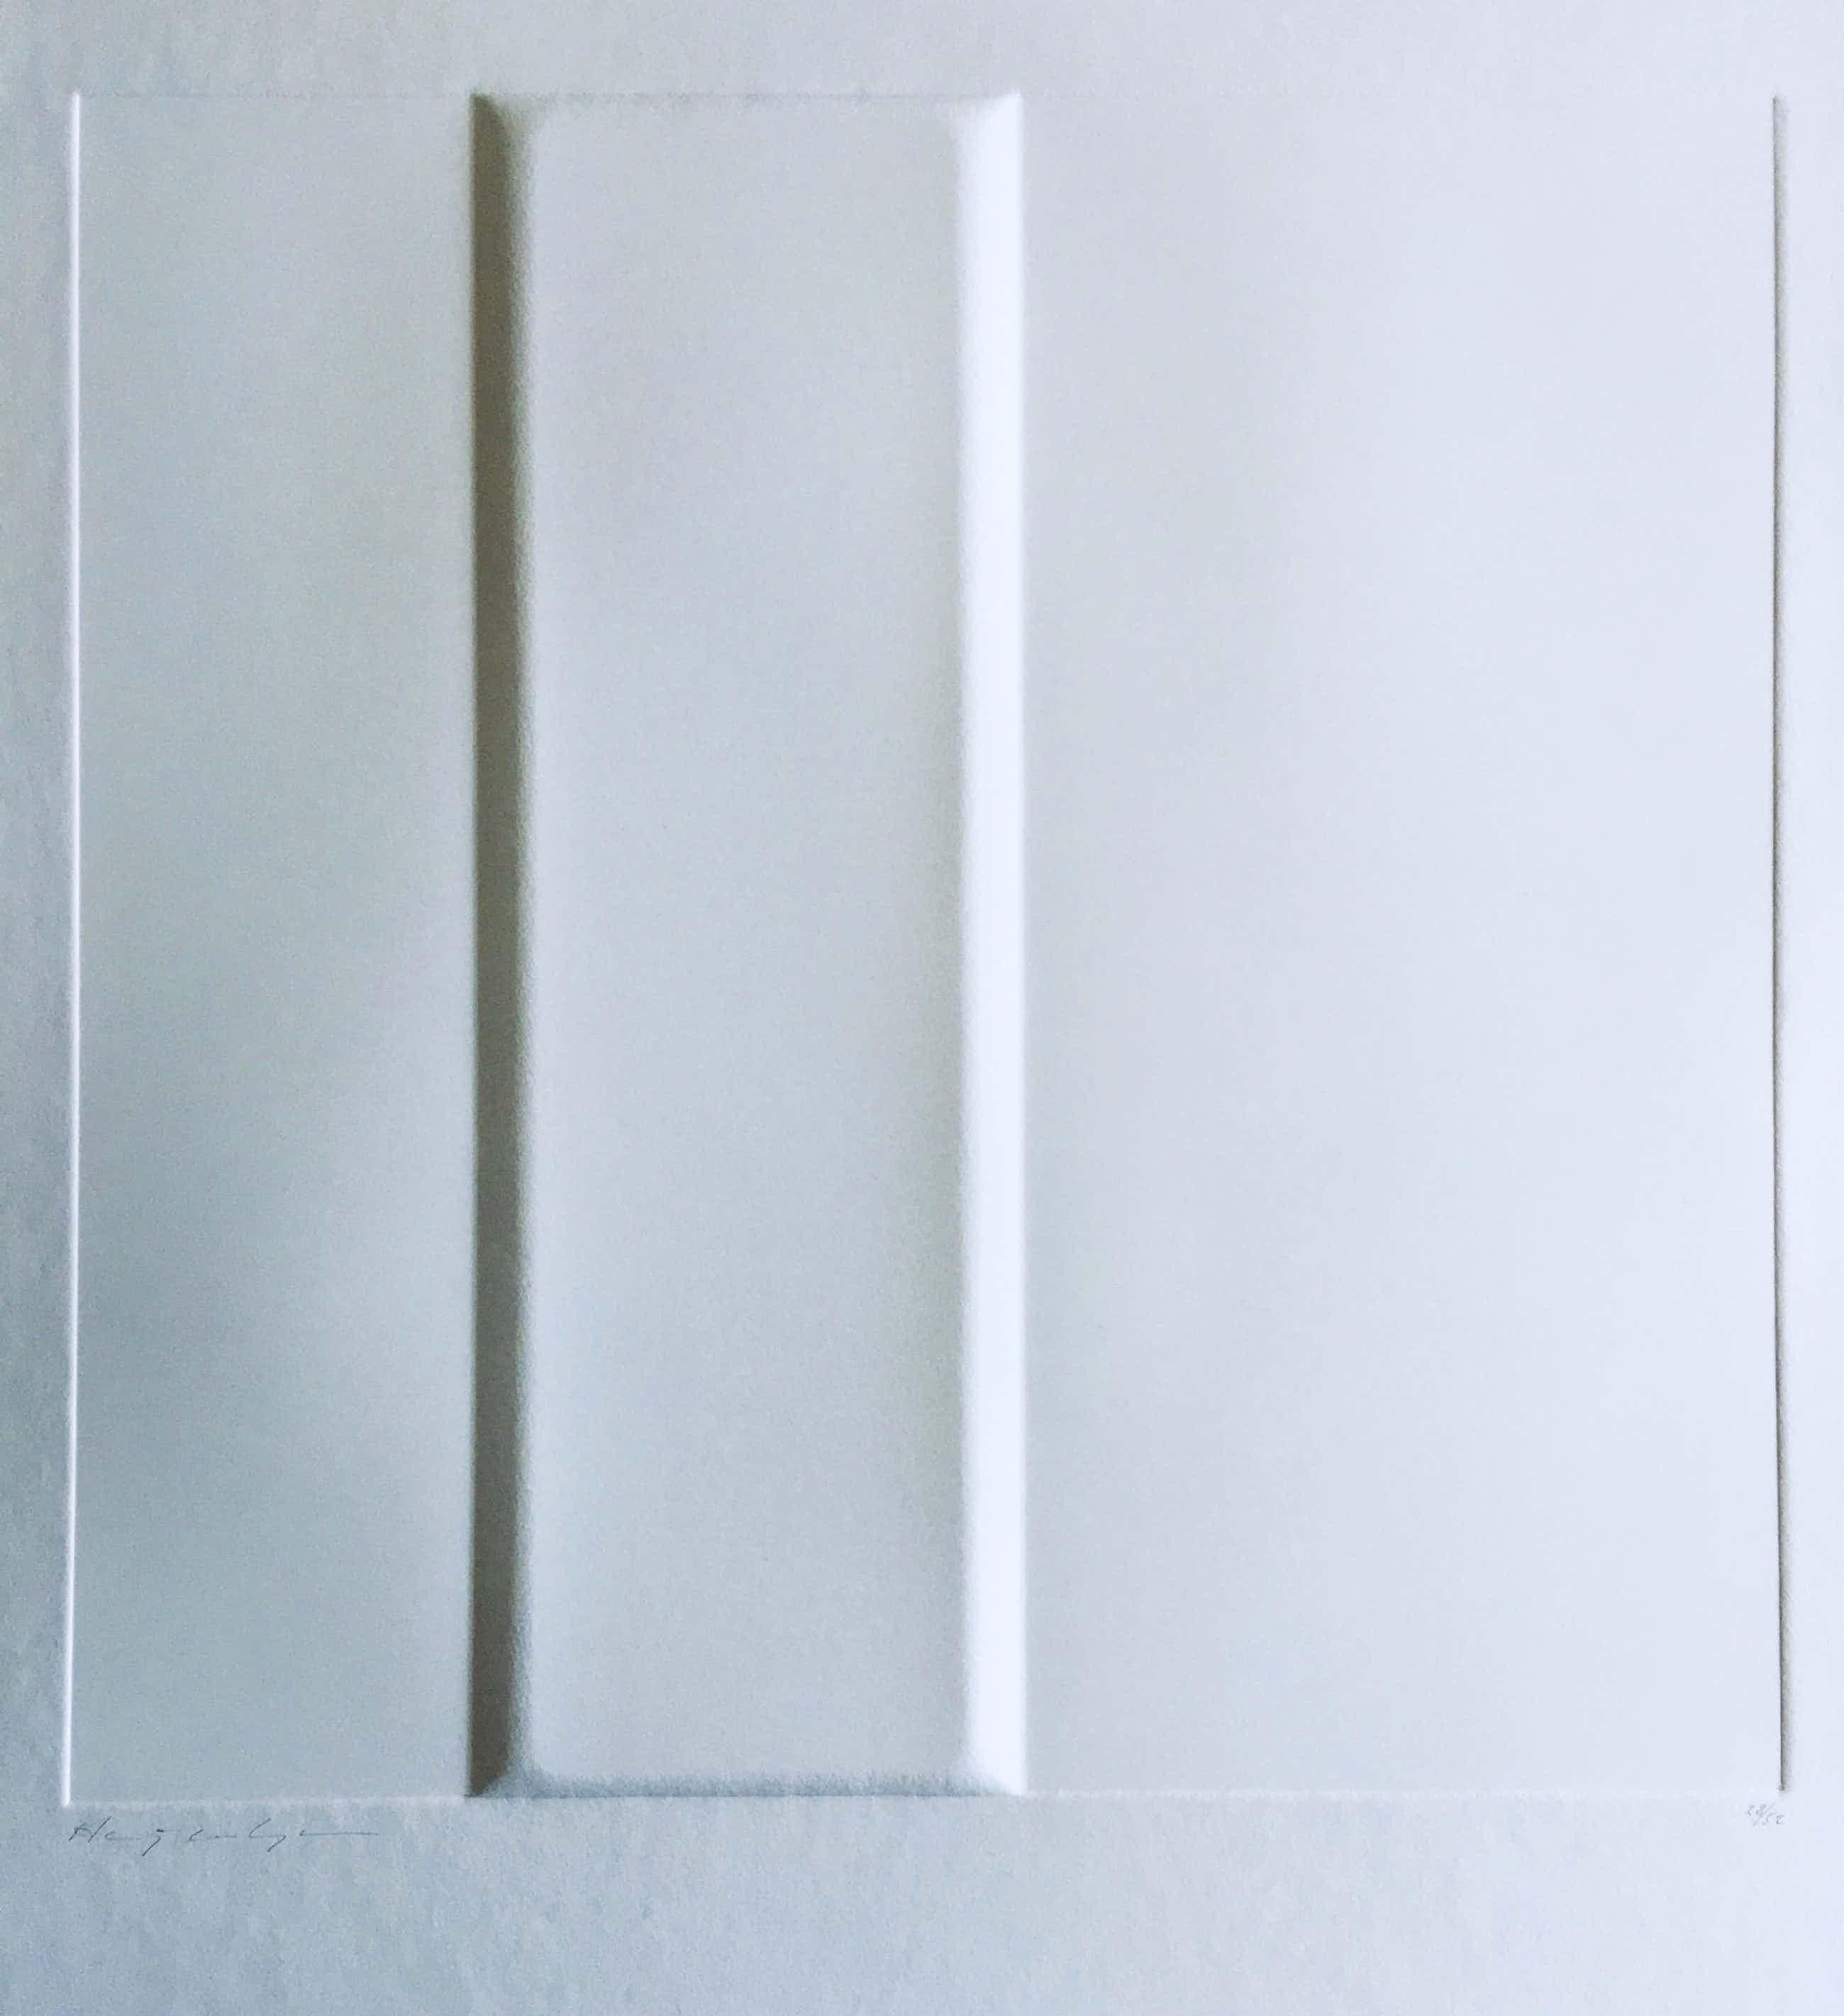 Harry van Kuyk - minimalistische diepdruk - 1973 - ZERO. kopen? Bied vanaf 355!